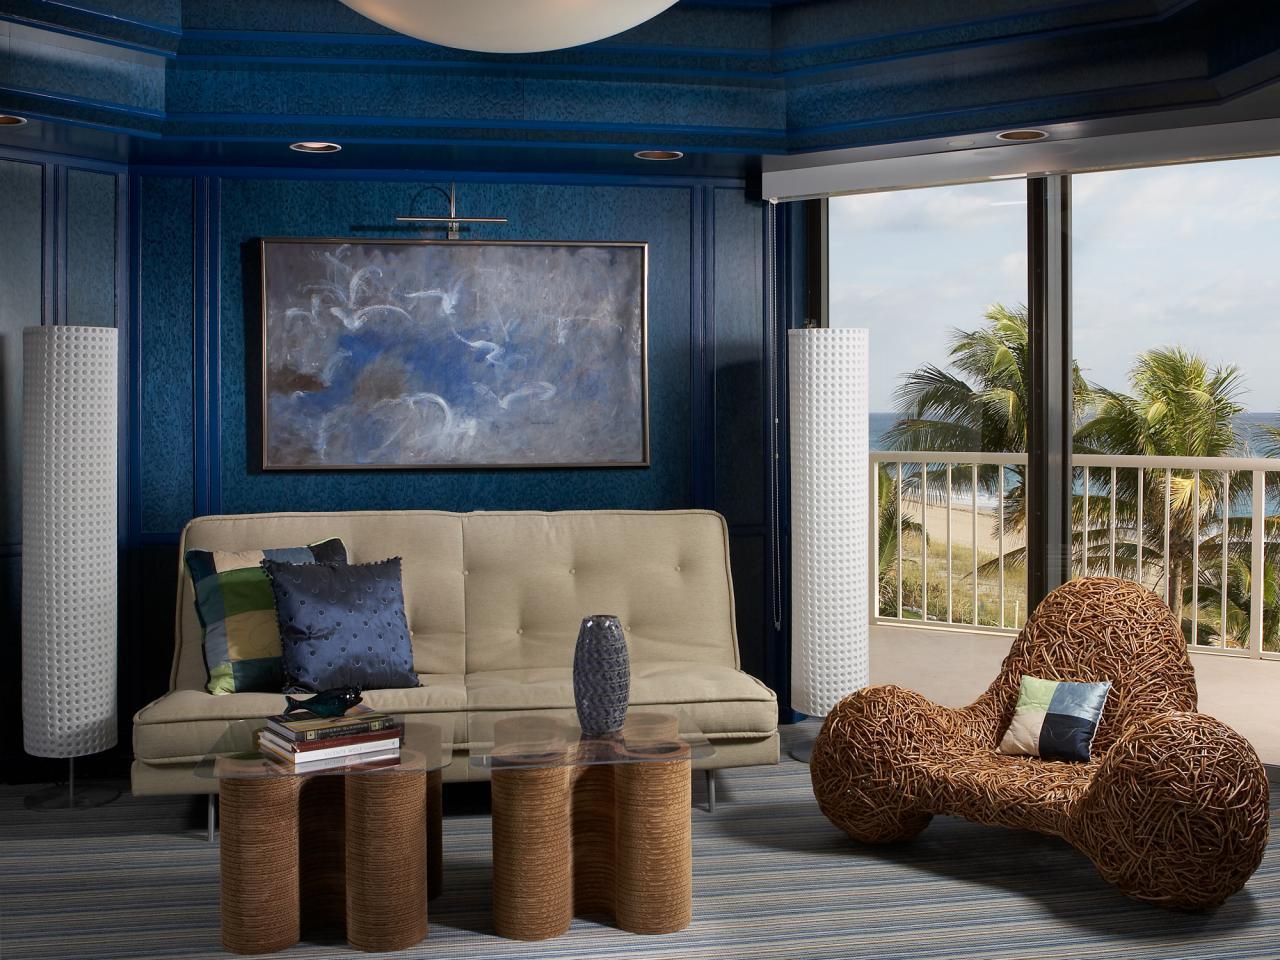 Синий и бежевый цвета в интерьере гостиной